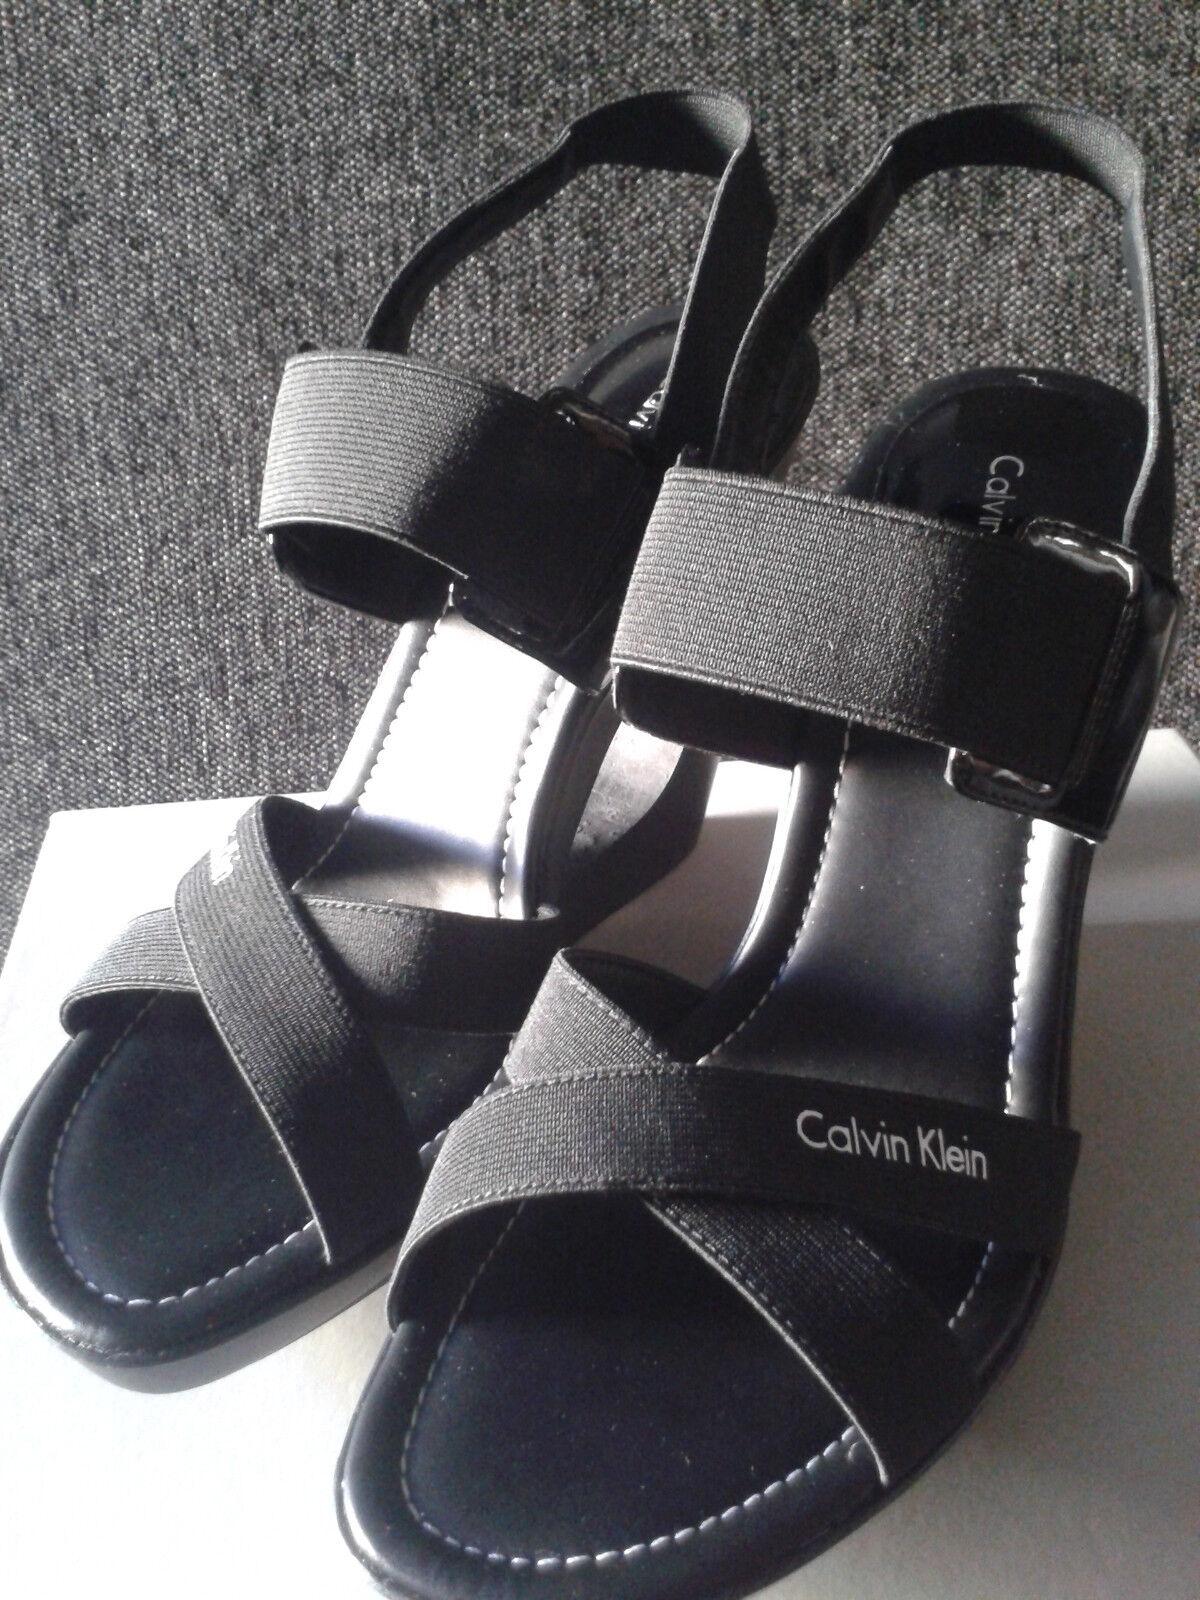 Último gran descuento NEU!! Calvin Klein Damenschuhe Pumps/Sandalen Größe 39 schwarz original mit OVP!